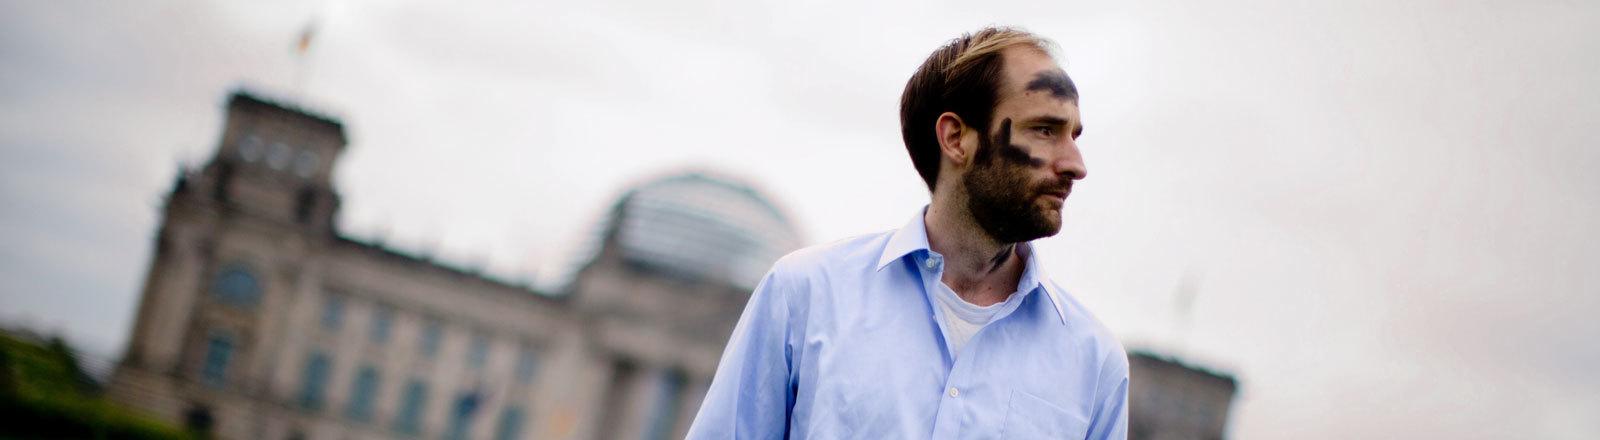 Der Aktionskünstler Philipp Ruch steht vor dem Bundestag. Sein Gesicht ist mit schwarzer Farbe beschmiert; Foto: dpa